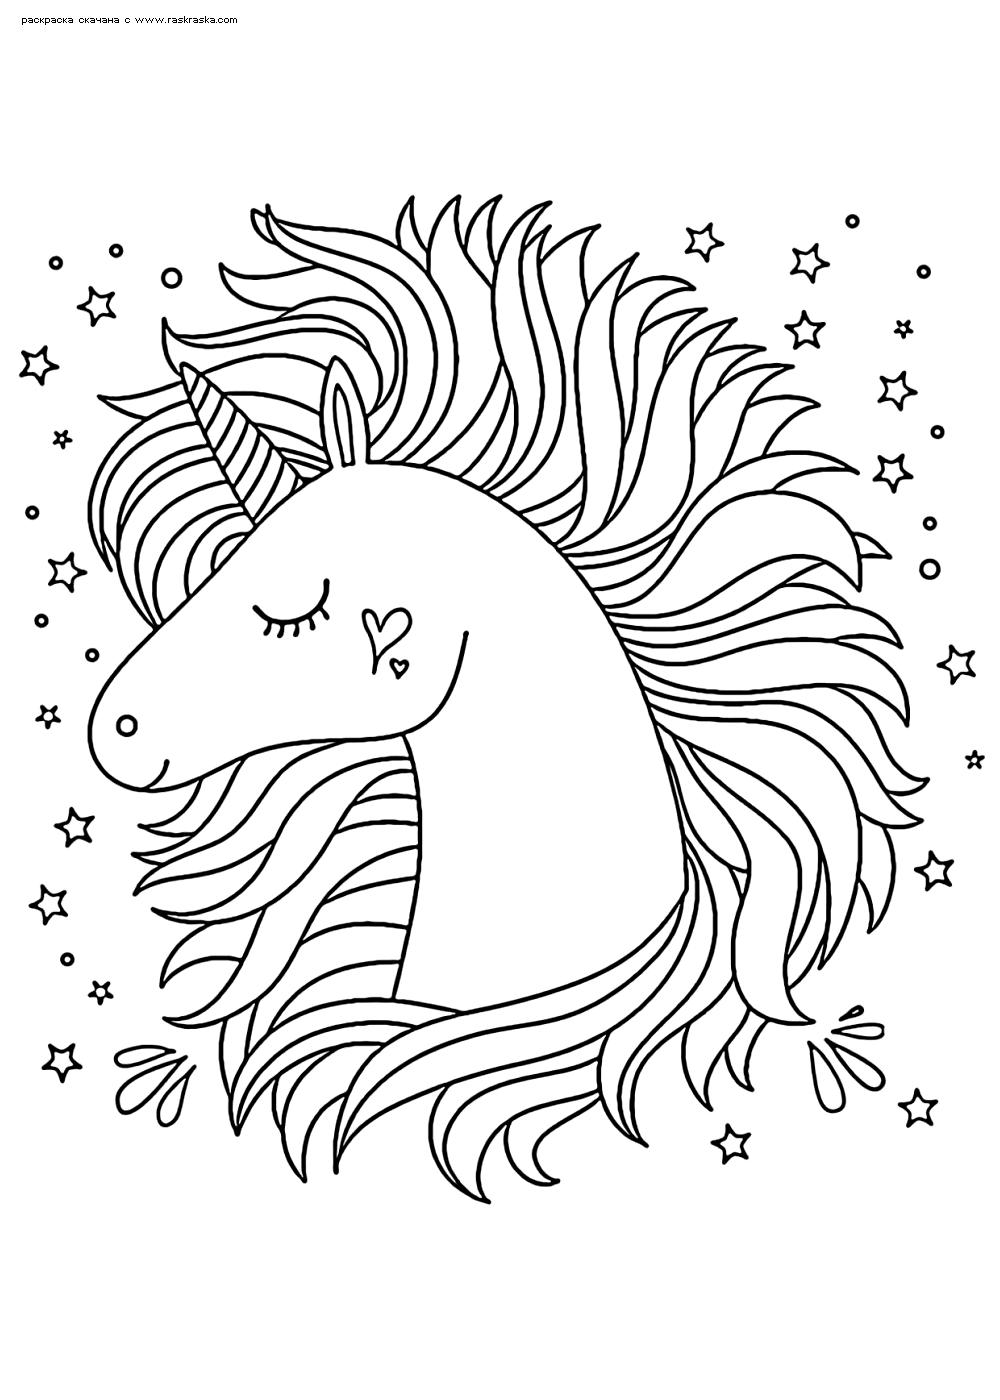 Раскраска Единорог. Раскраска единорог